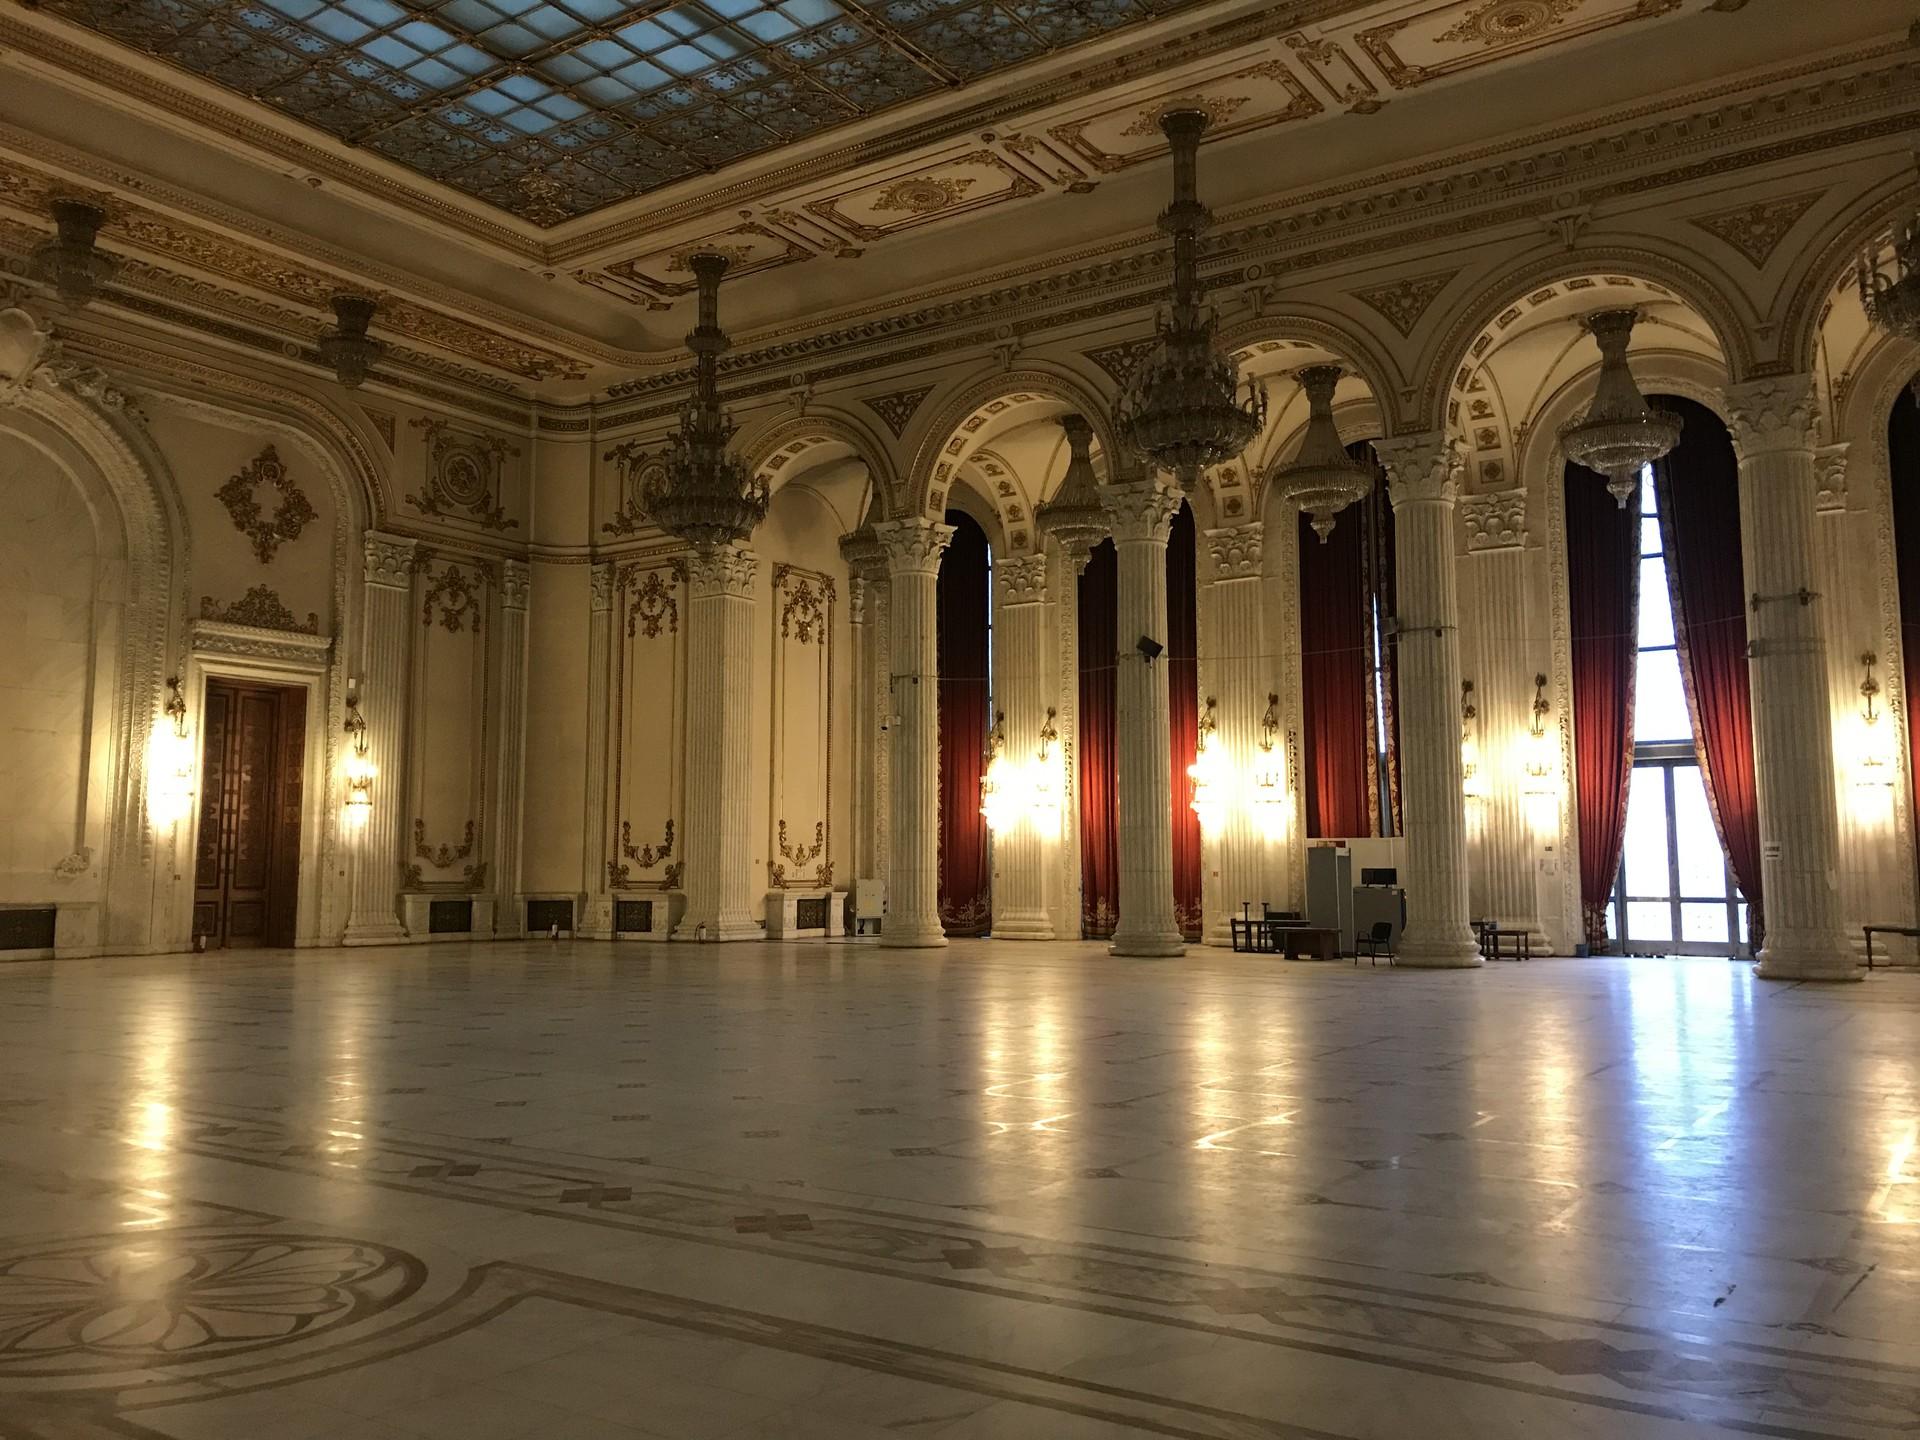 visita-palazzo-parlamento-66708d4edce3f9